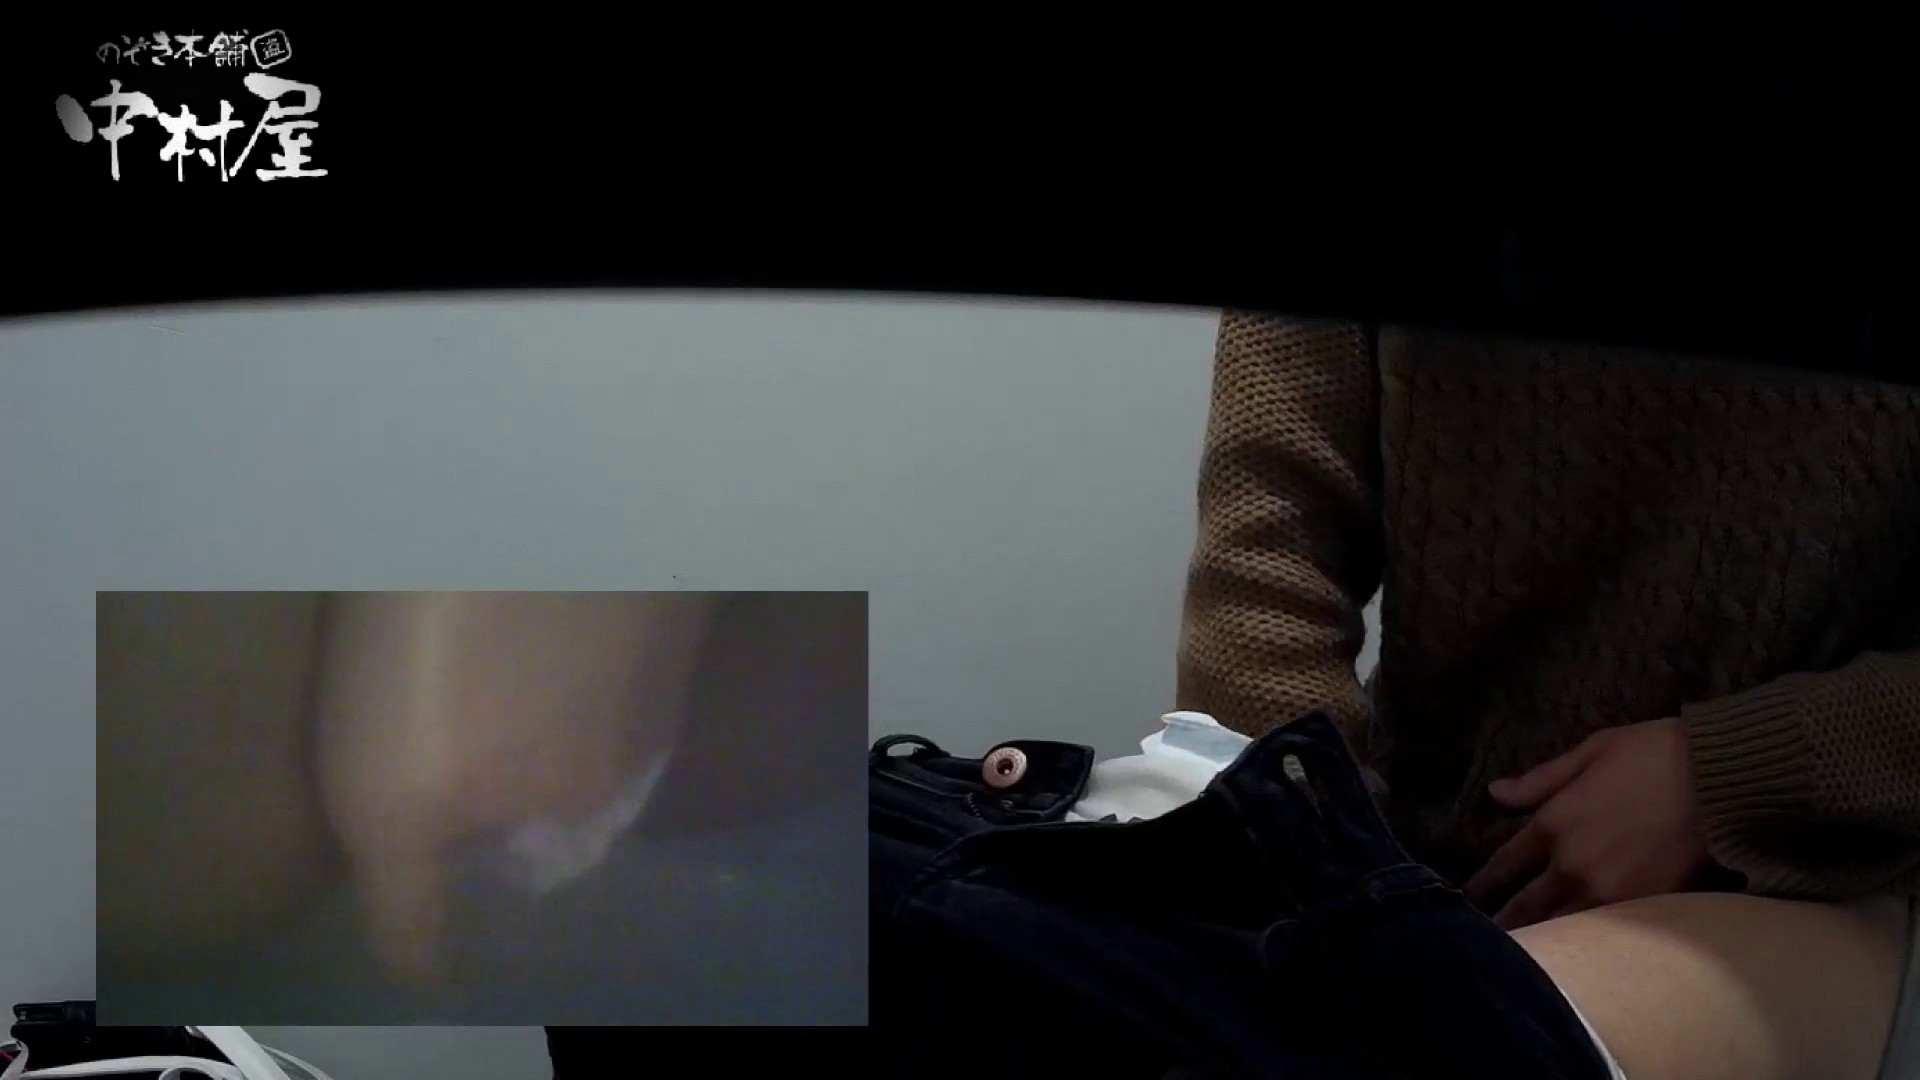 有名大学女性洗面所 vol.54 設置撮影最高峰!! 3視点でじっくり観察 0 | 0  65pic 25